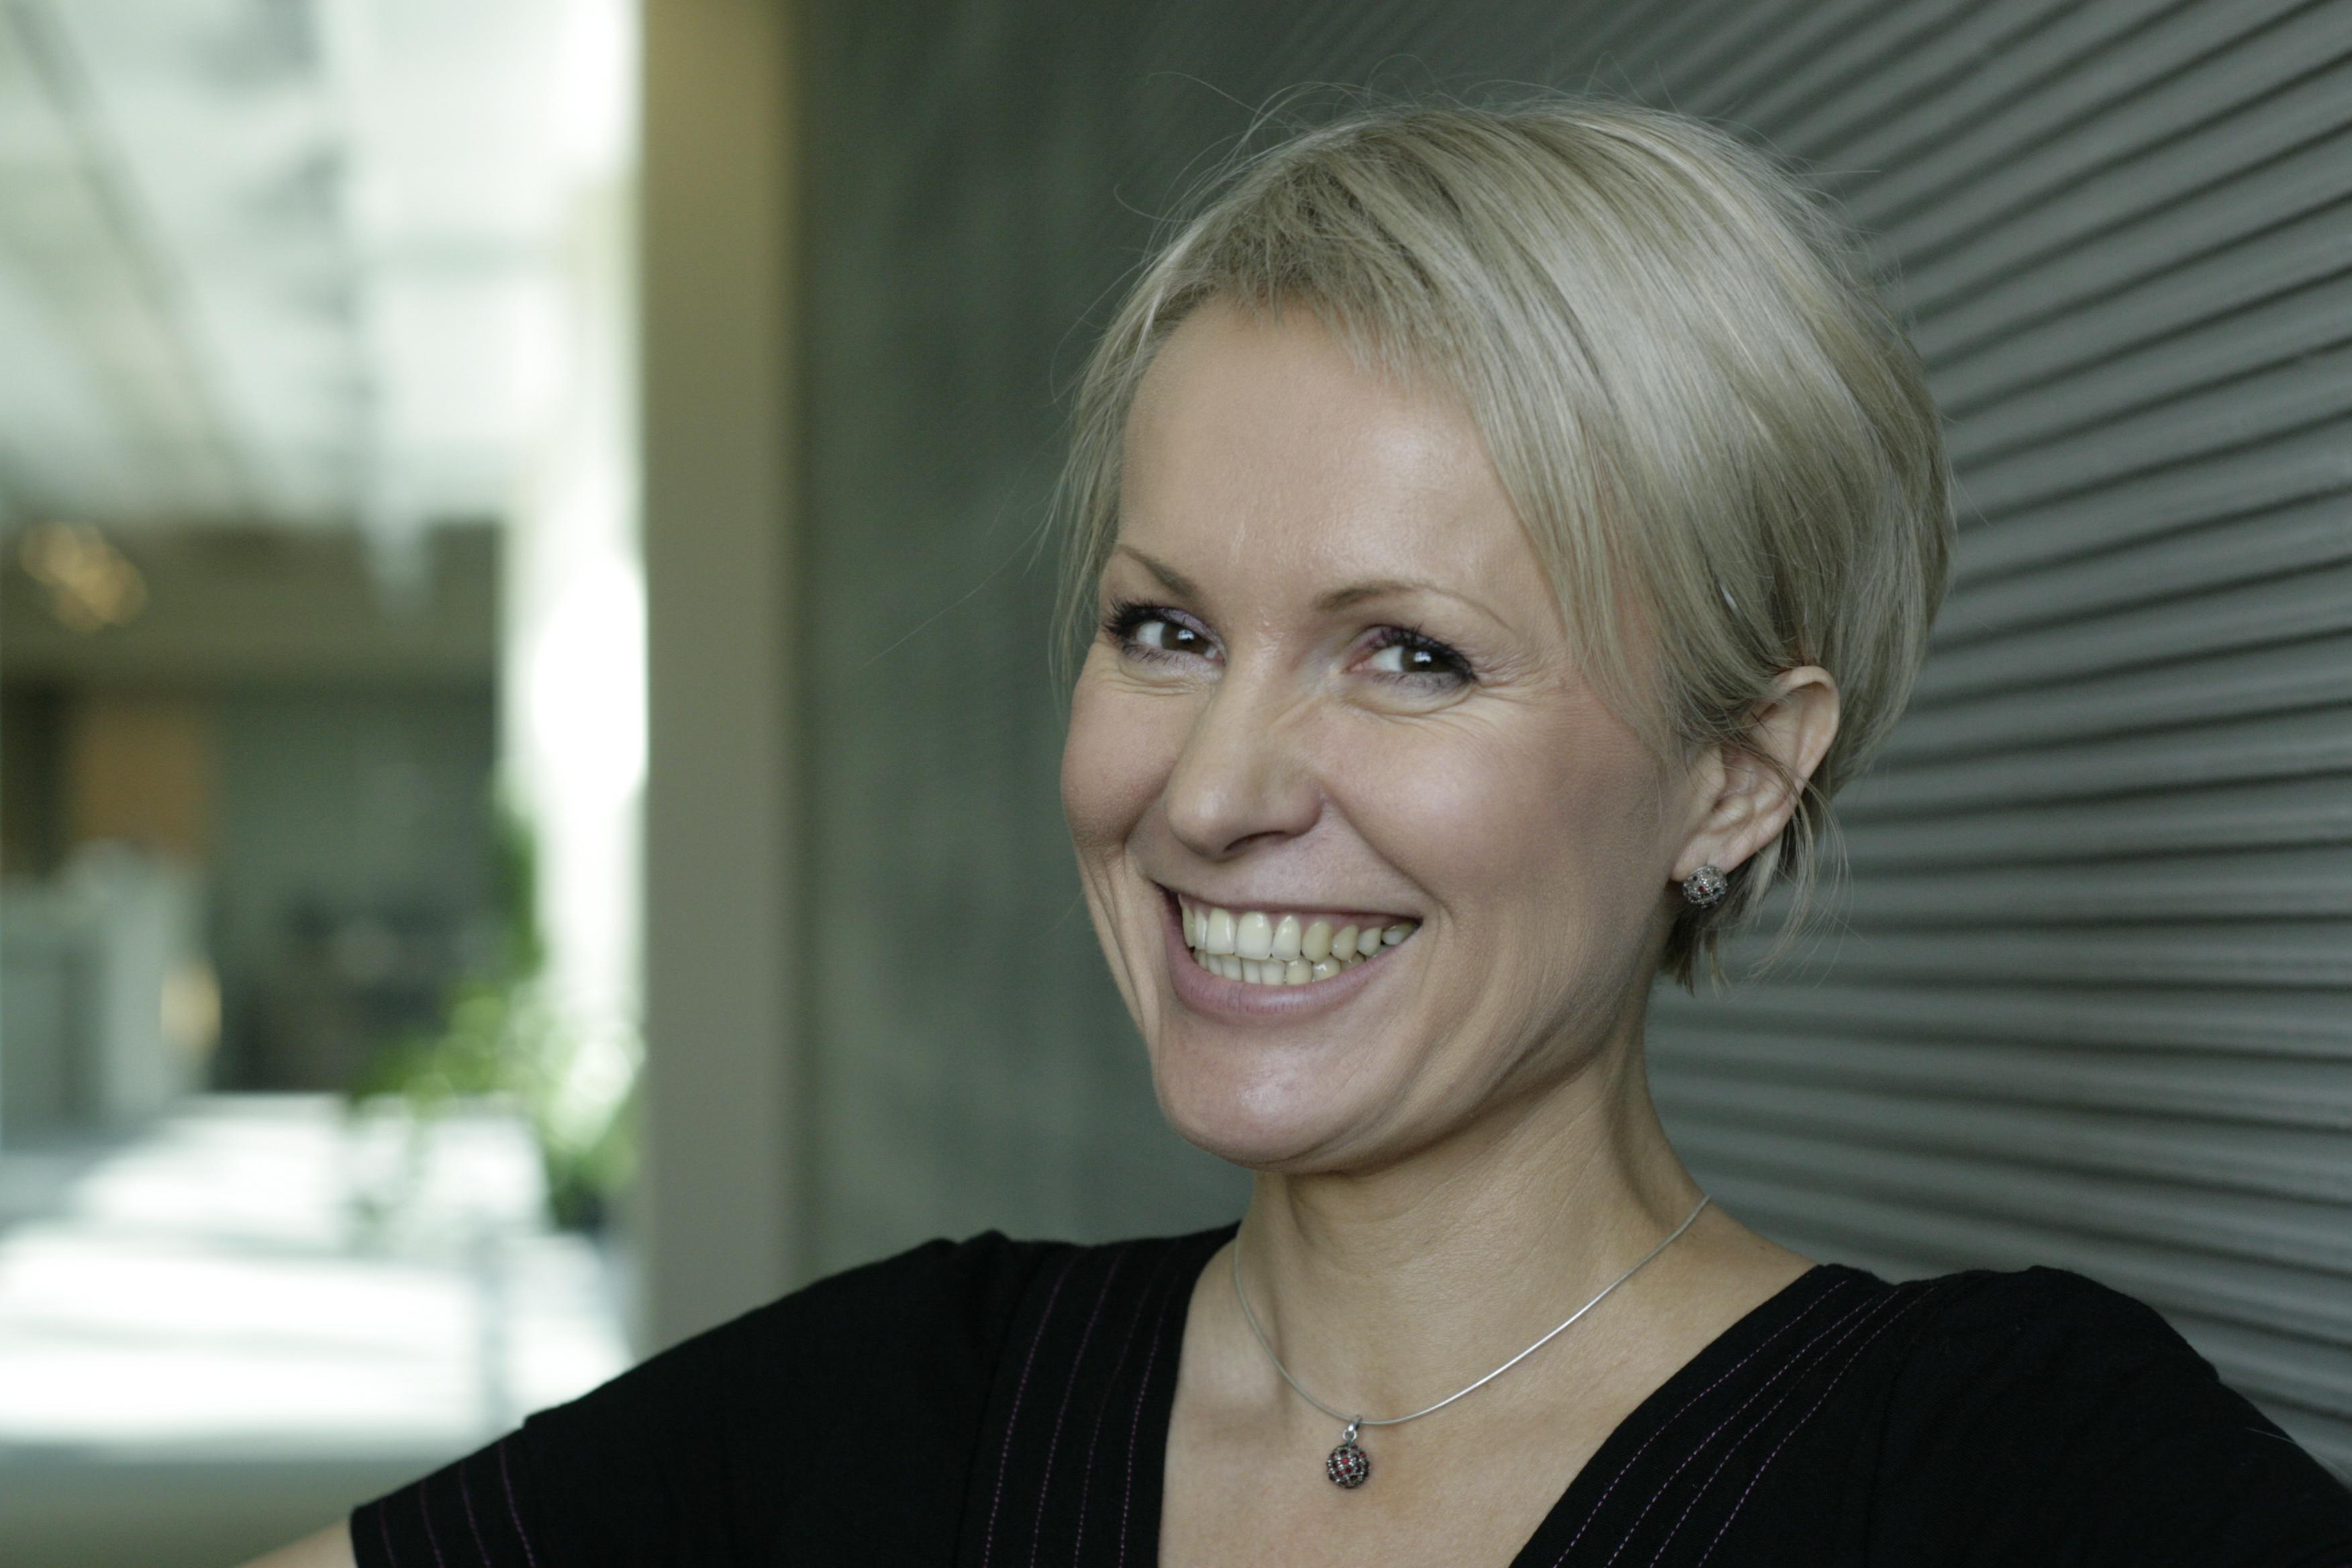 Joanna Malinowska-Parzydło (Fot.: jestesmarka.pl)